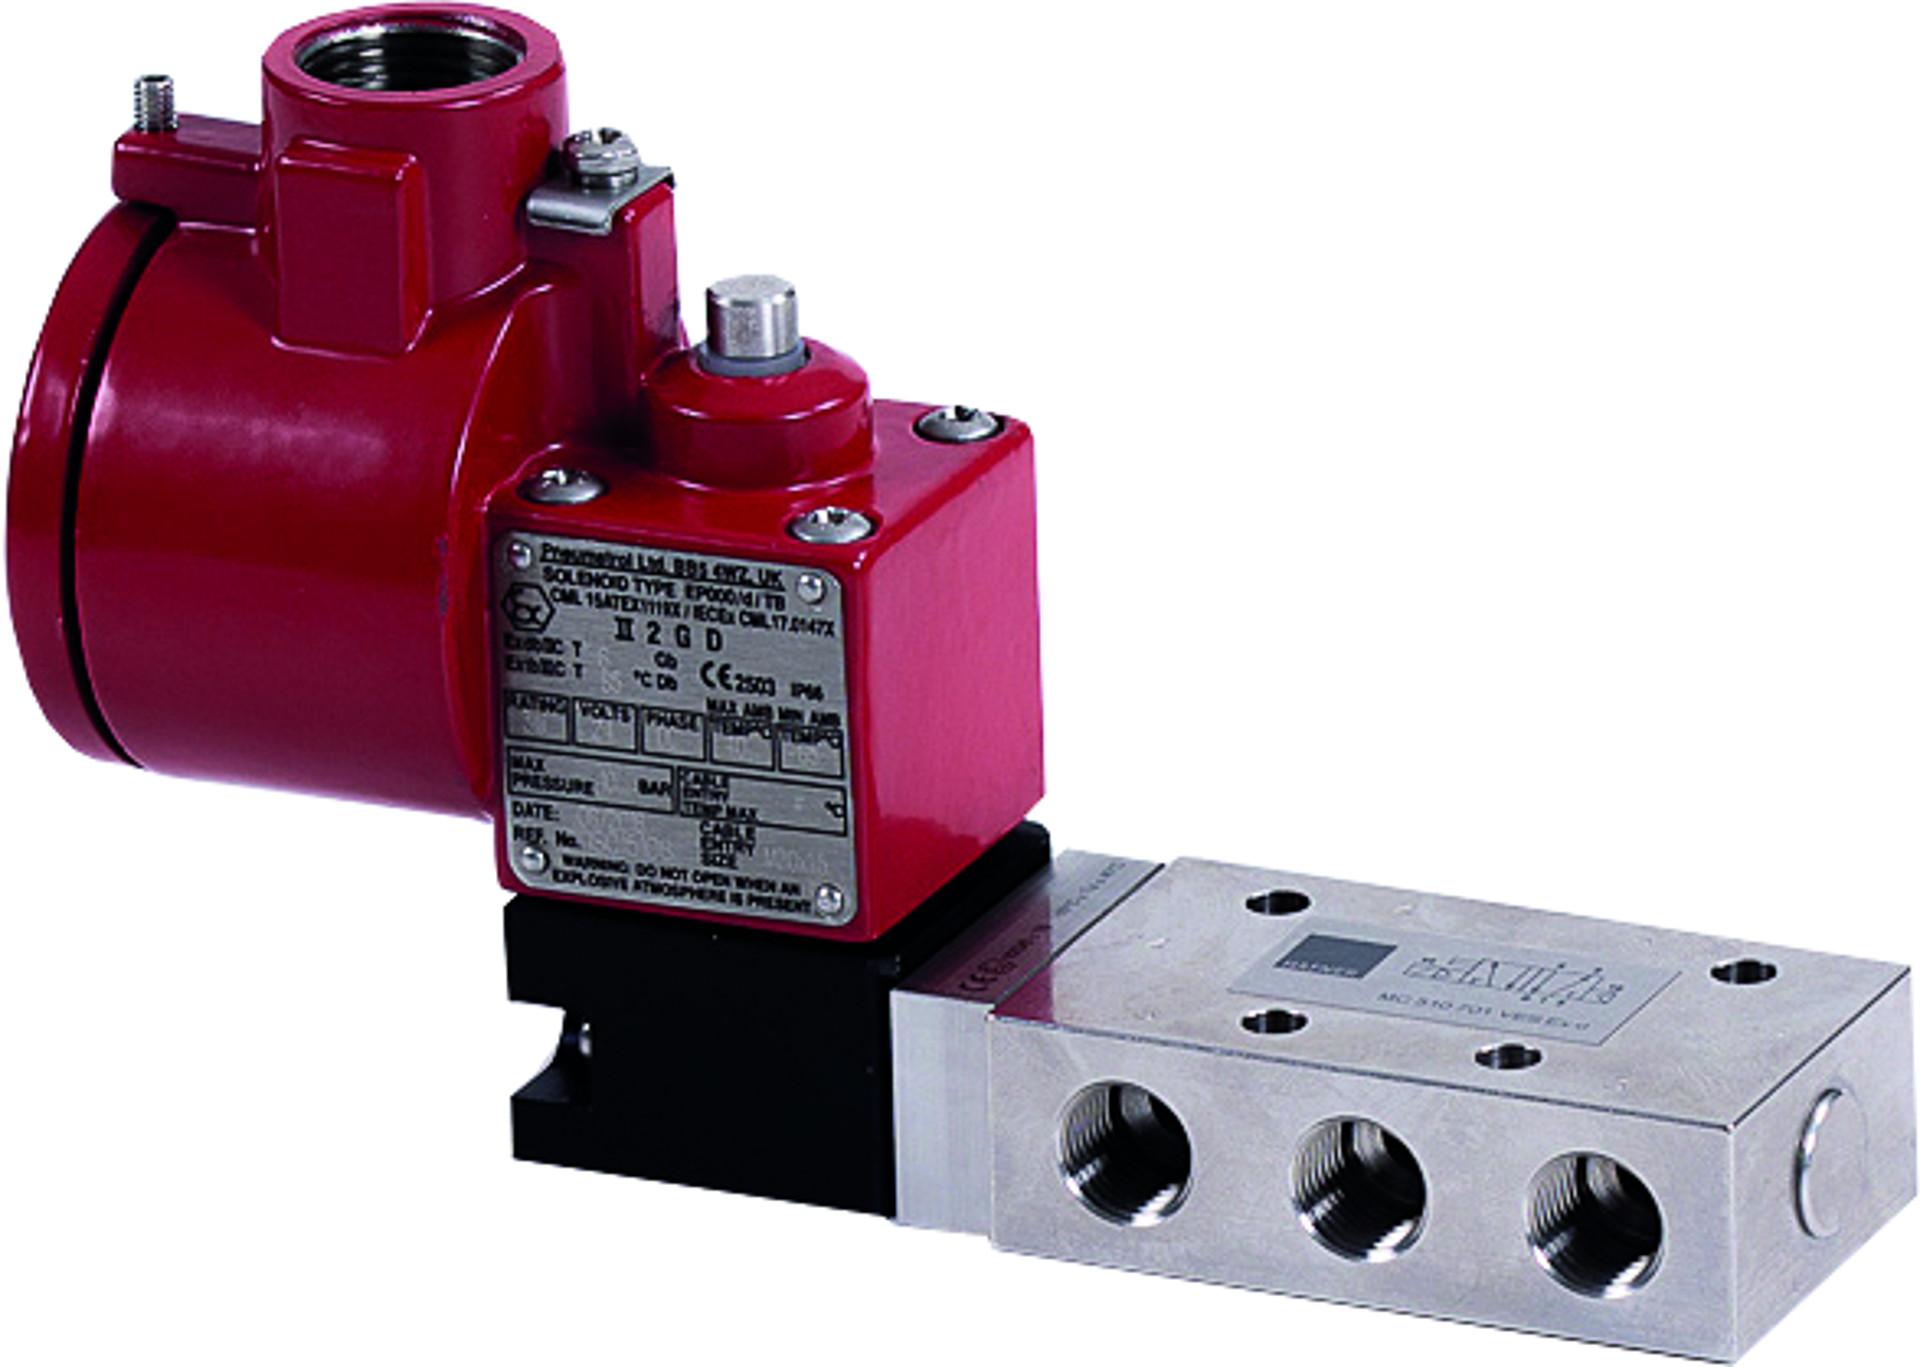 magnetventil pneumatisk ventil solenoid valve Ex kontrollventiler